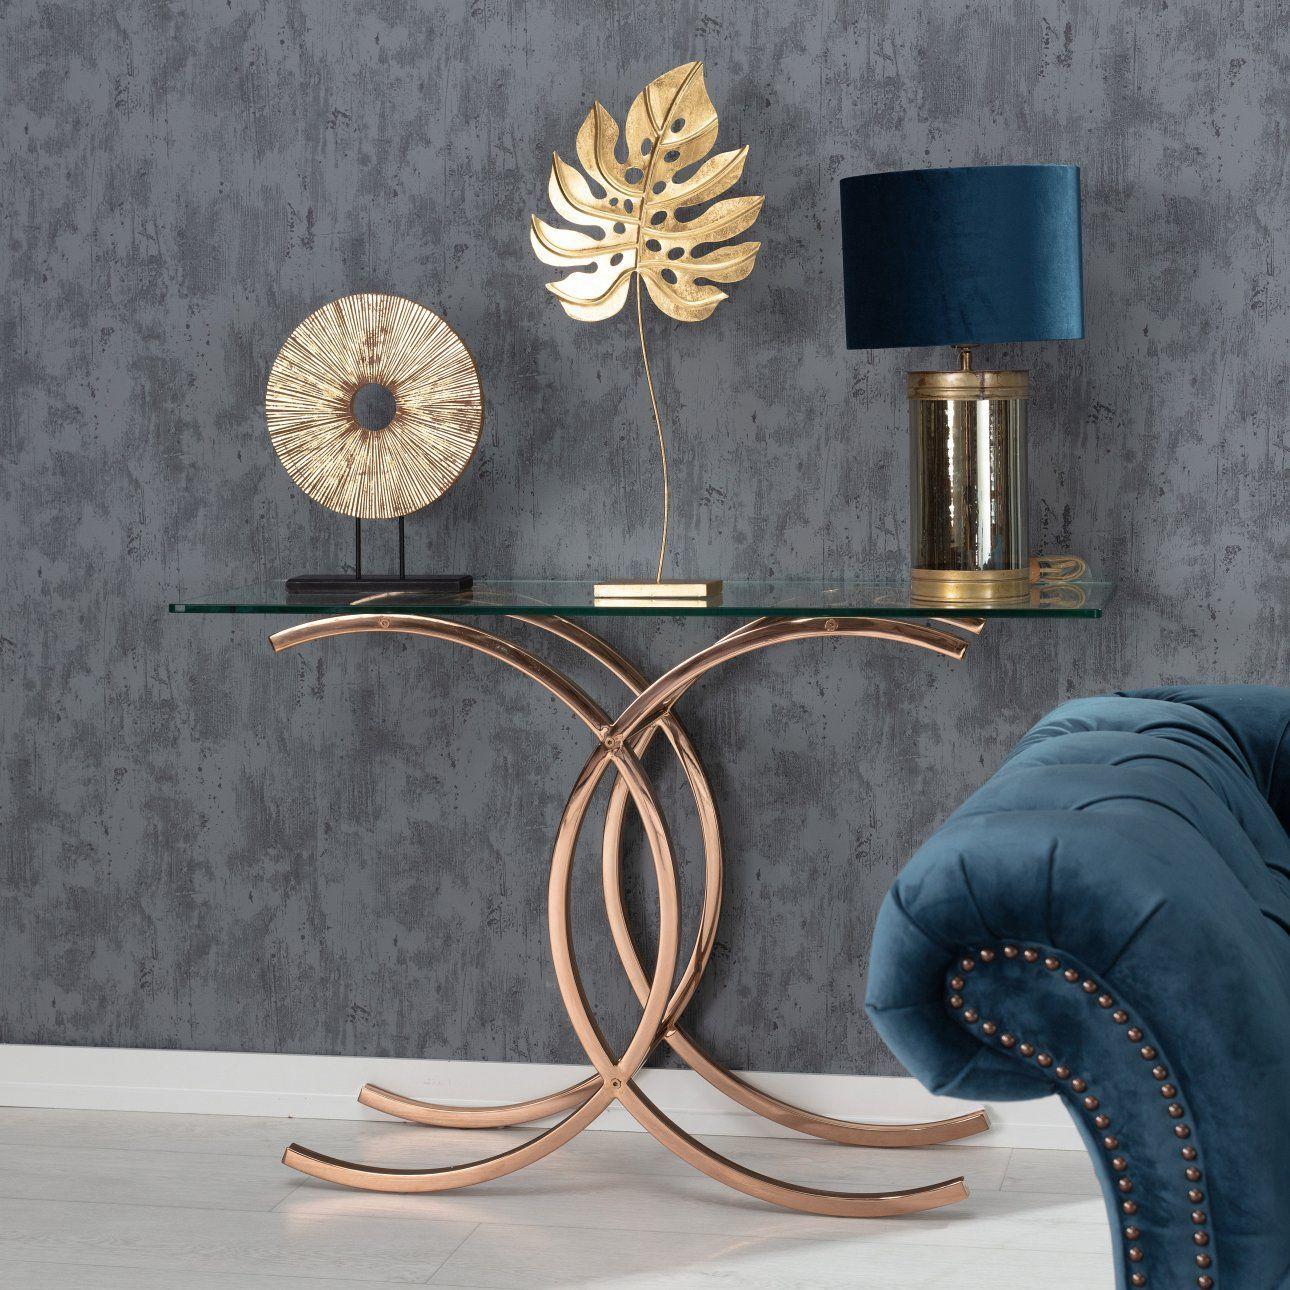 Konsole Chica Rose Gold 128x40x79cm 128 40 79 Cm Jetzt Bestellen Unter Https Moebel Ladendirekt De Wohnzimmer Tisc Konsole Konsolen Tisch Konsolentisch